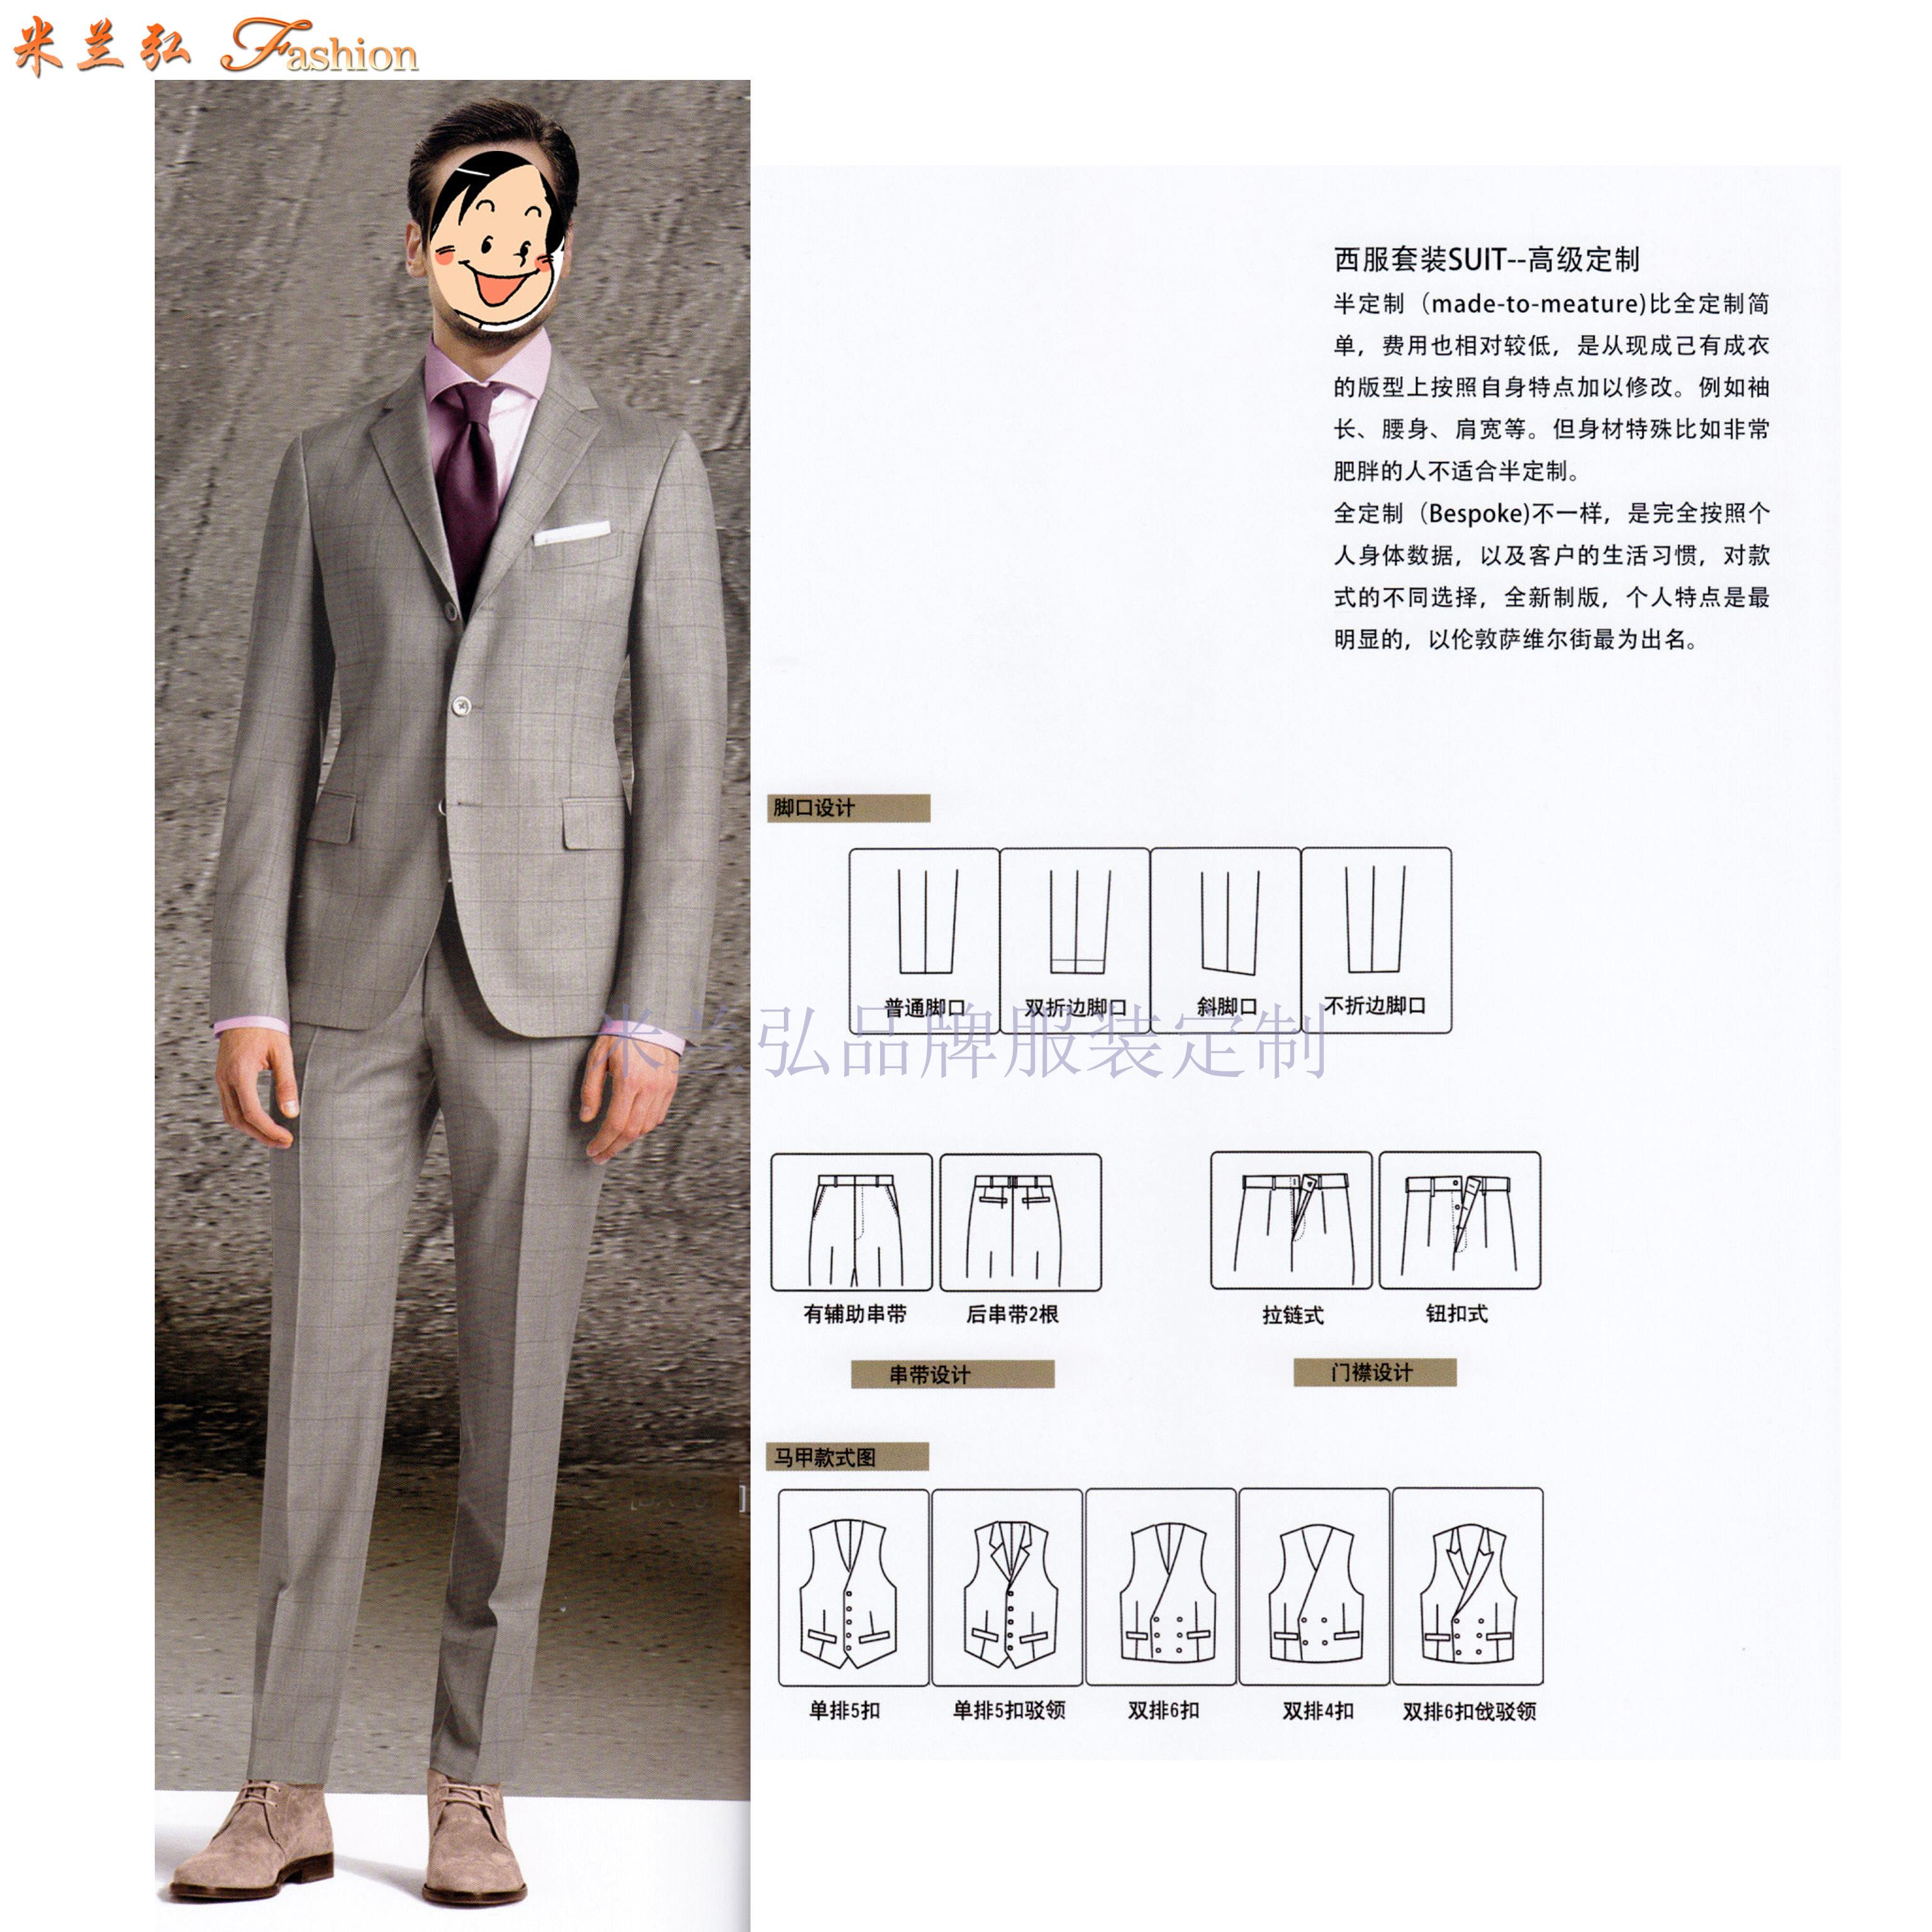 廣東西服定制-廣東量身訂制西服品牌-米蘭弘服裝-1